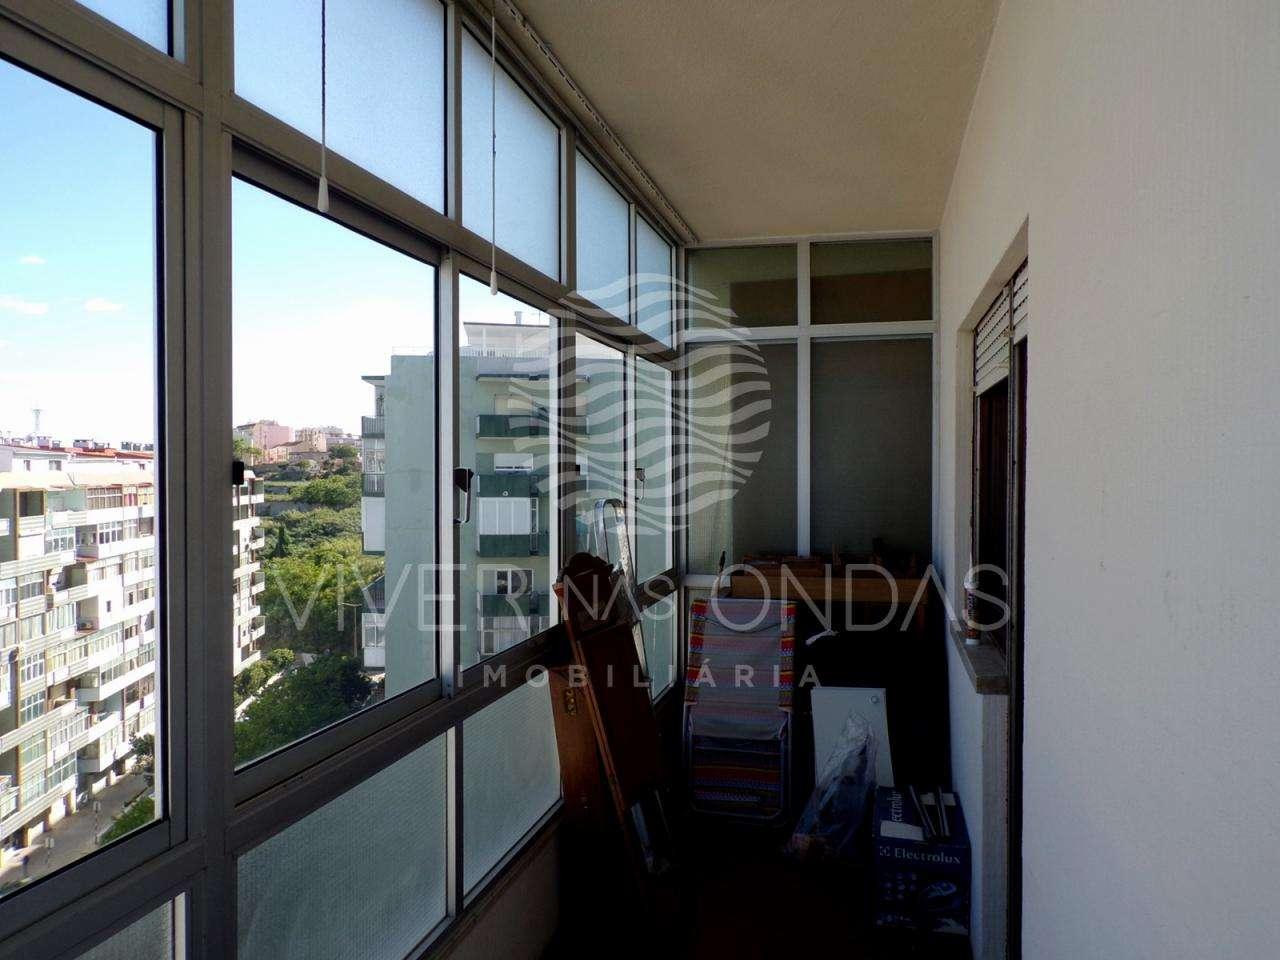 Apartamento para comprar, Almada, Cova da Piedade, Pragal e Cacilhas, Setúbal - Foto 20